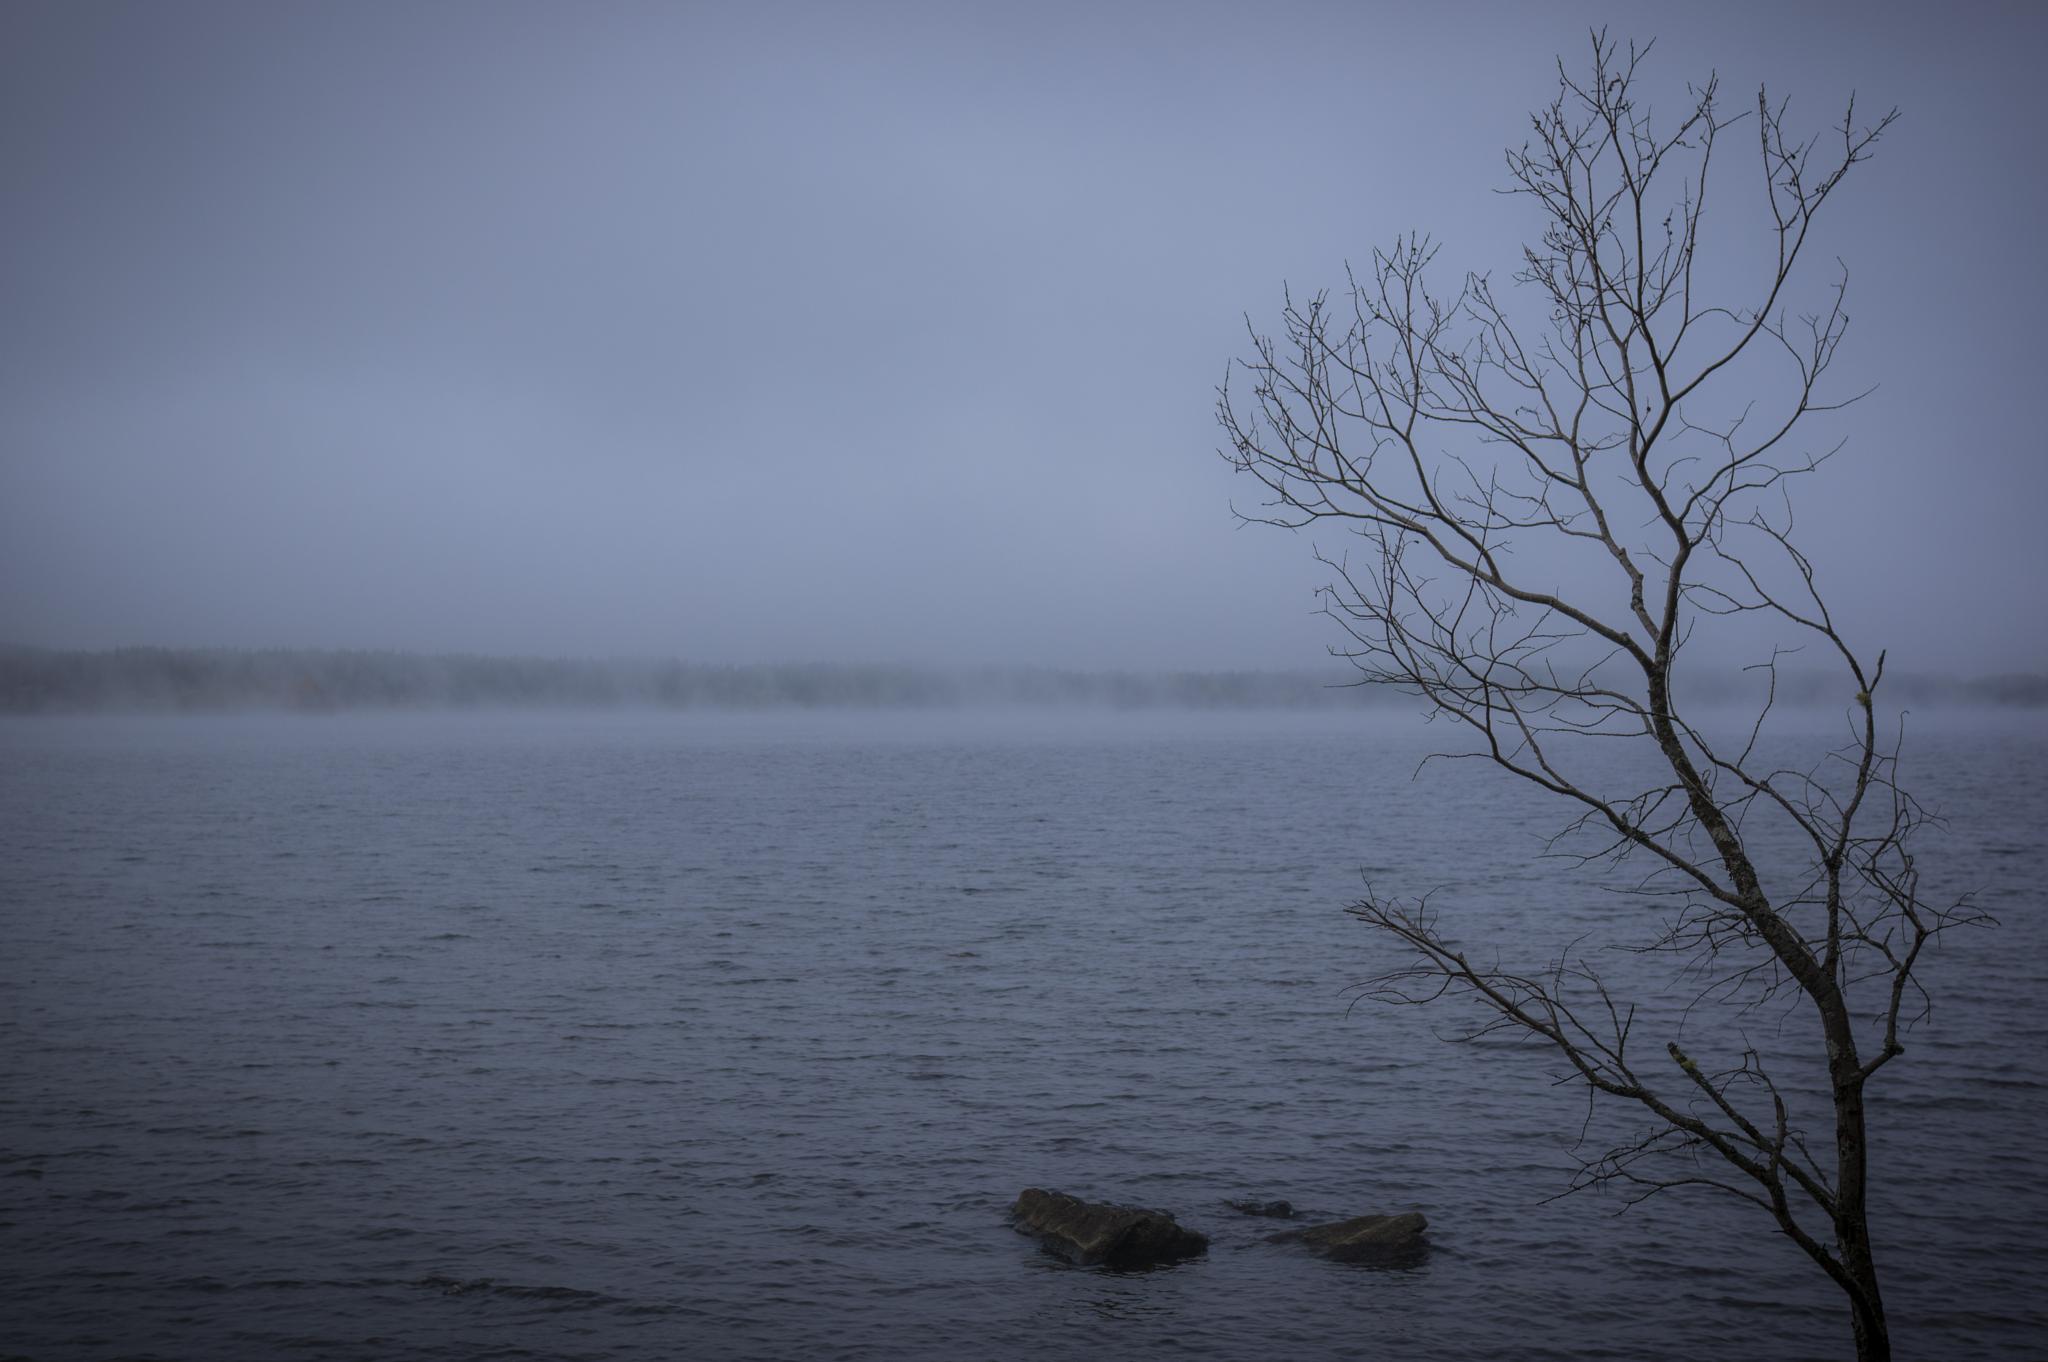 Misty lake by gorber